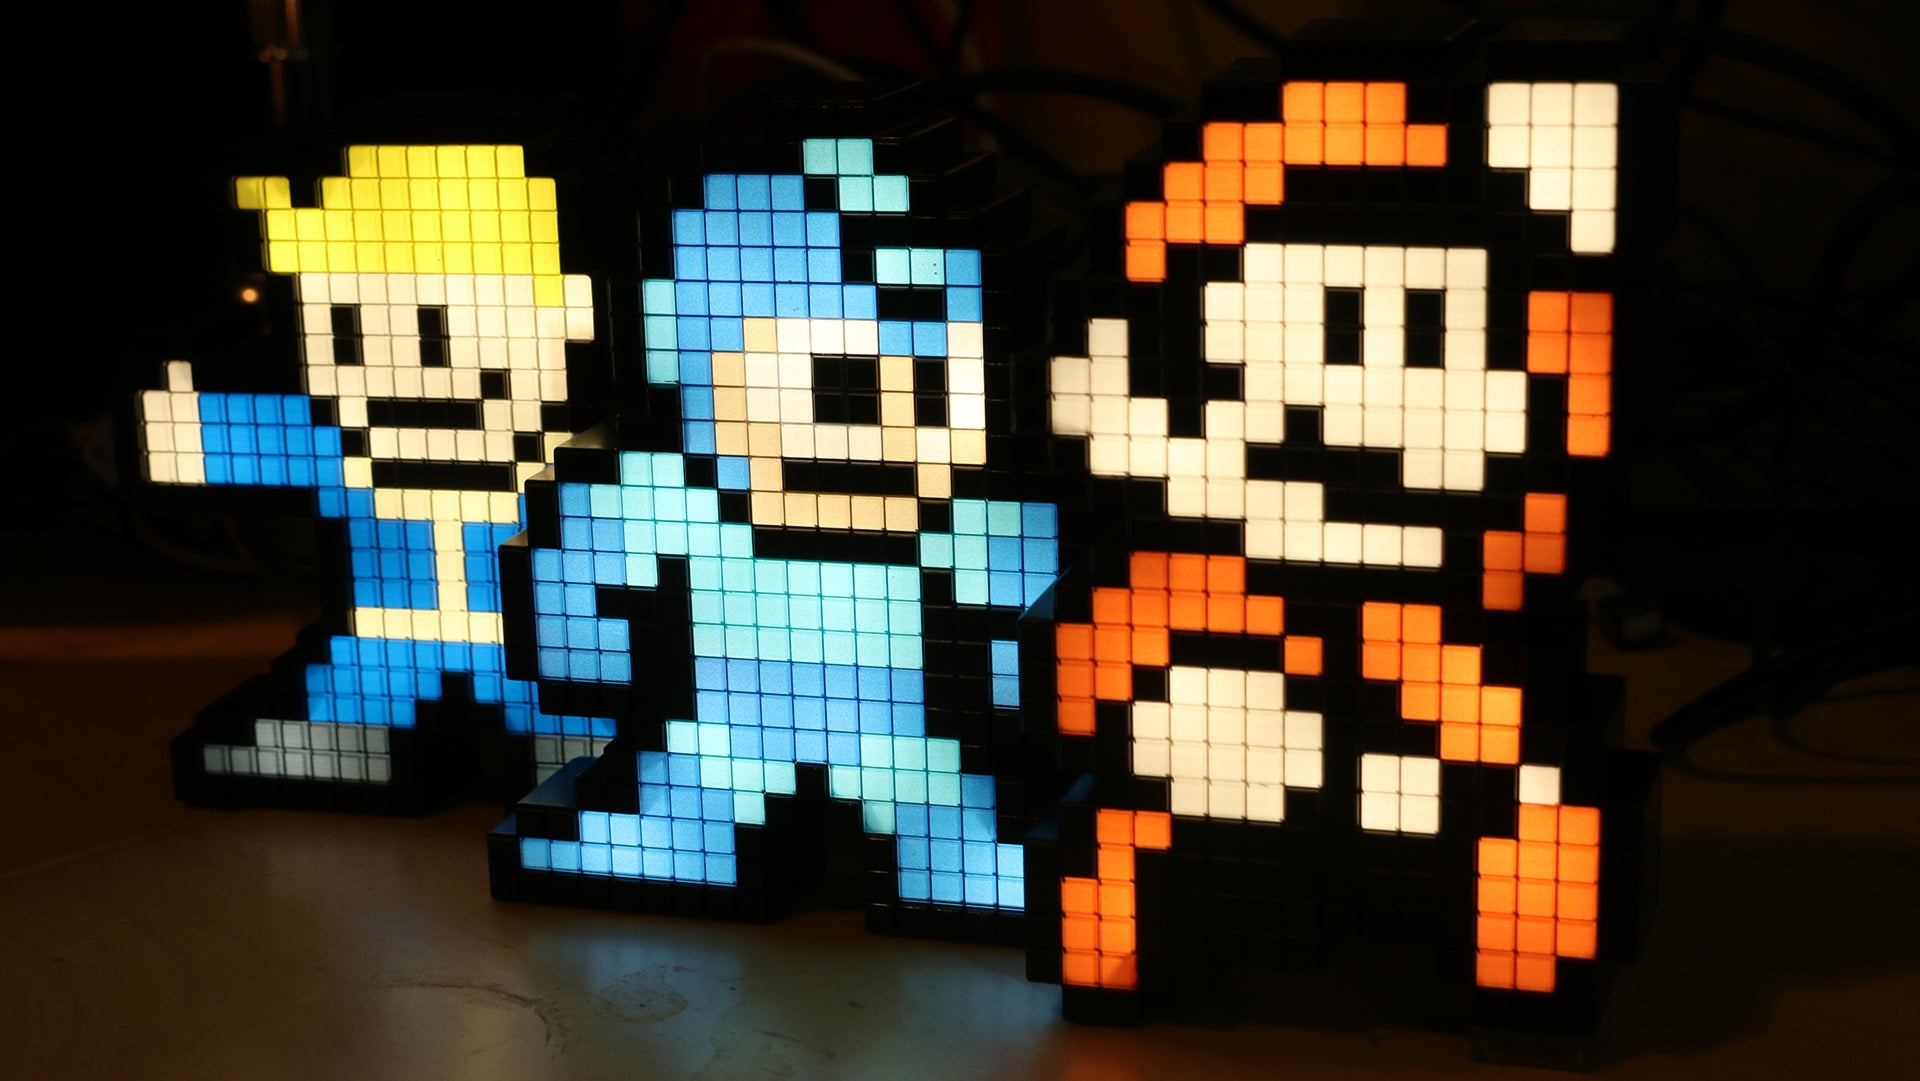 Pixel Gaming Lamps Sure Brighten Up The Place | Kotaku Australia